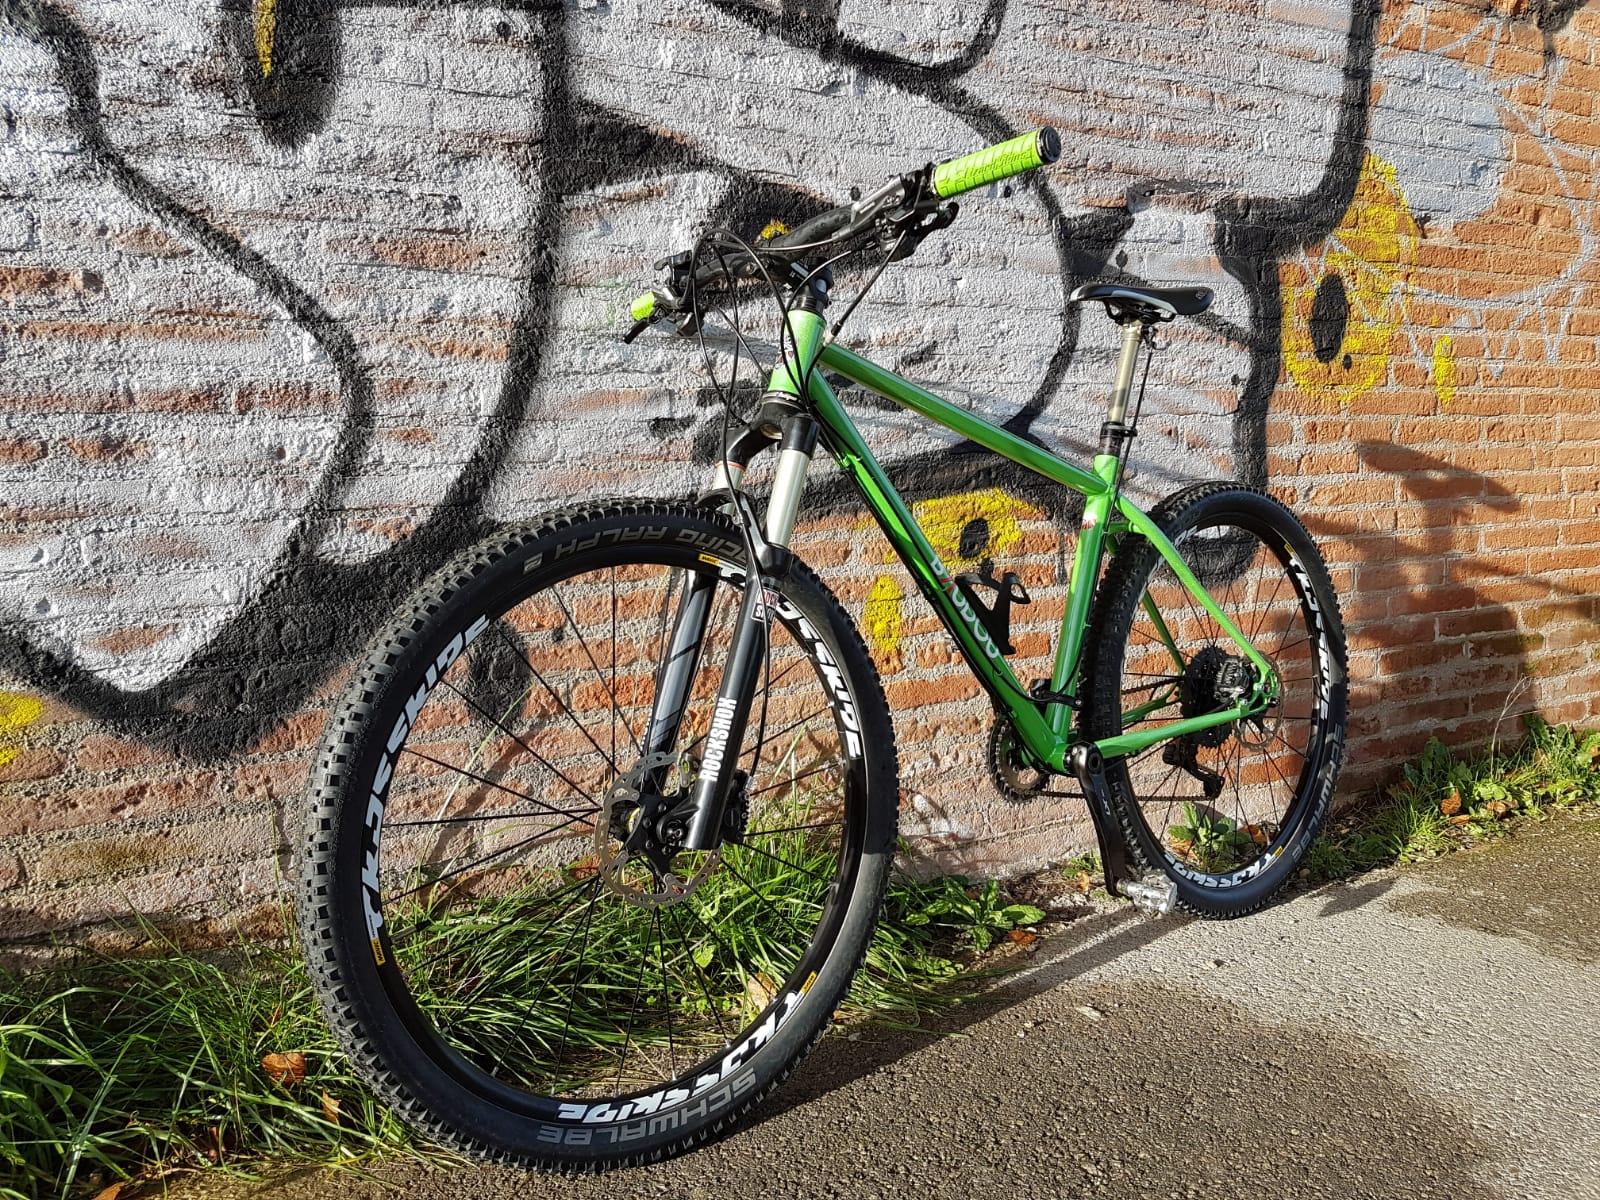 VTT_BAUDOU_Bikes_Av